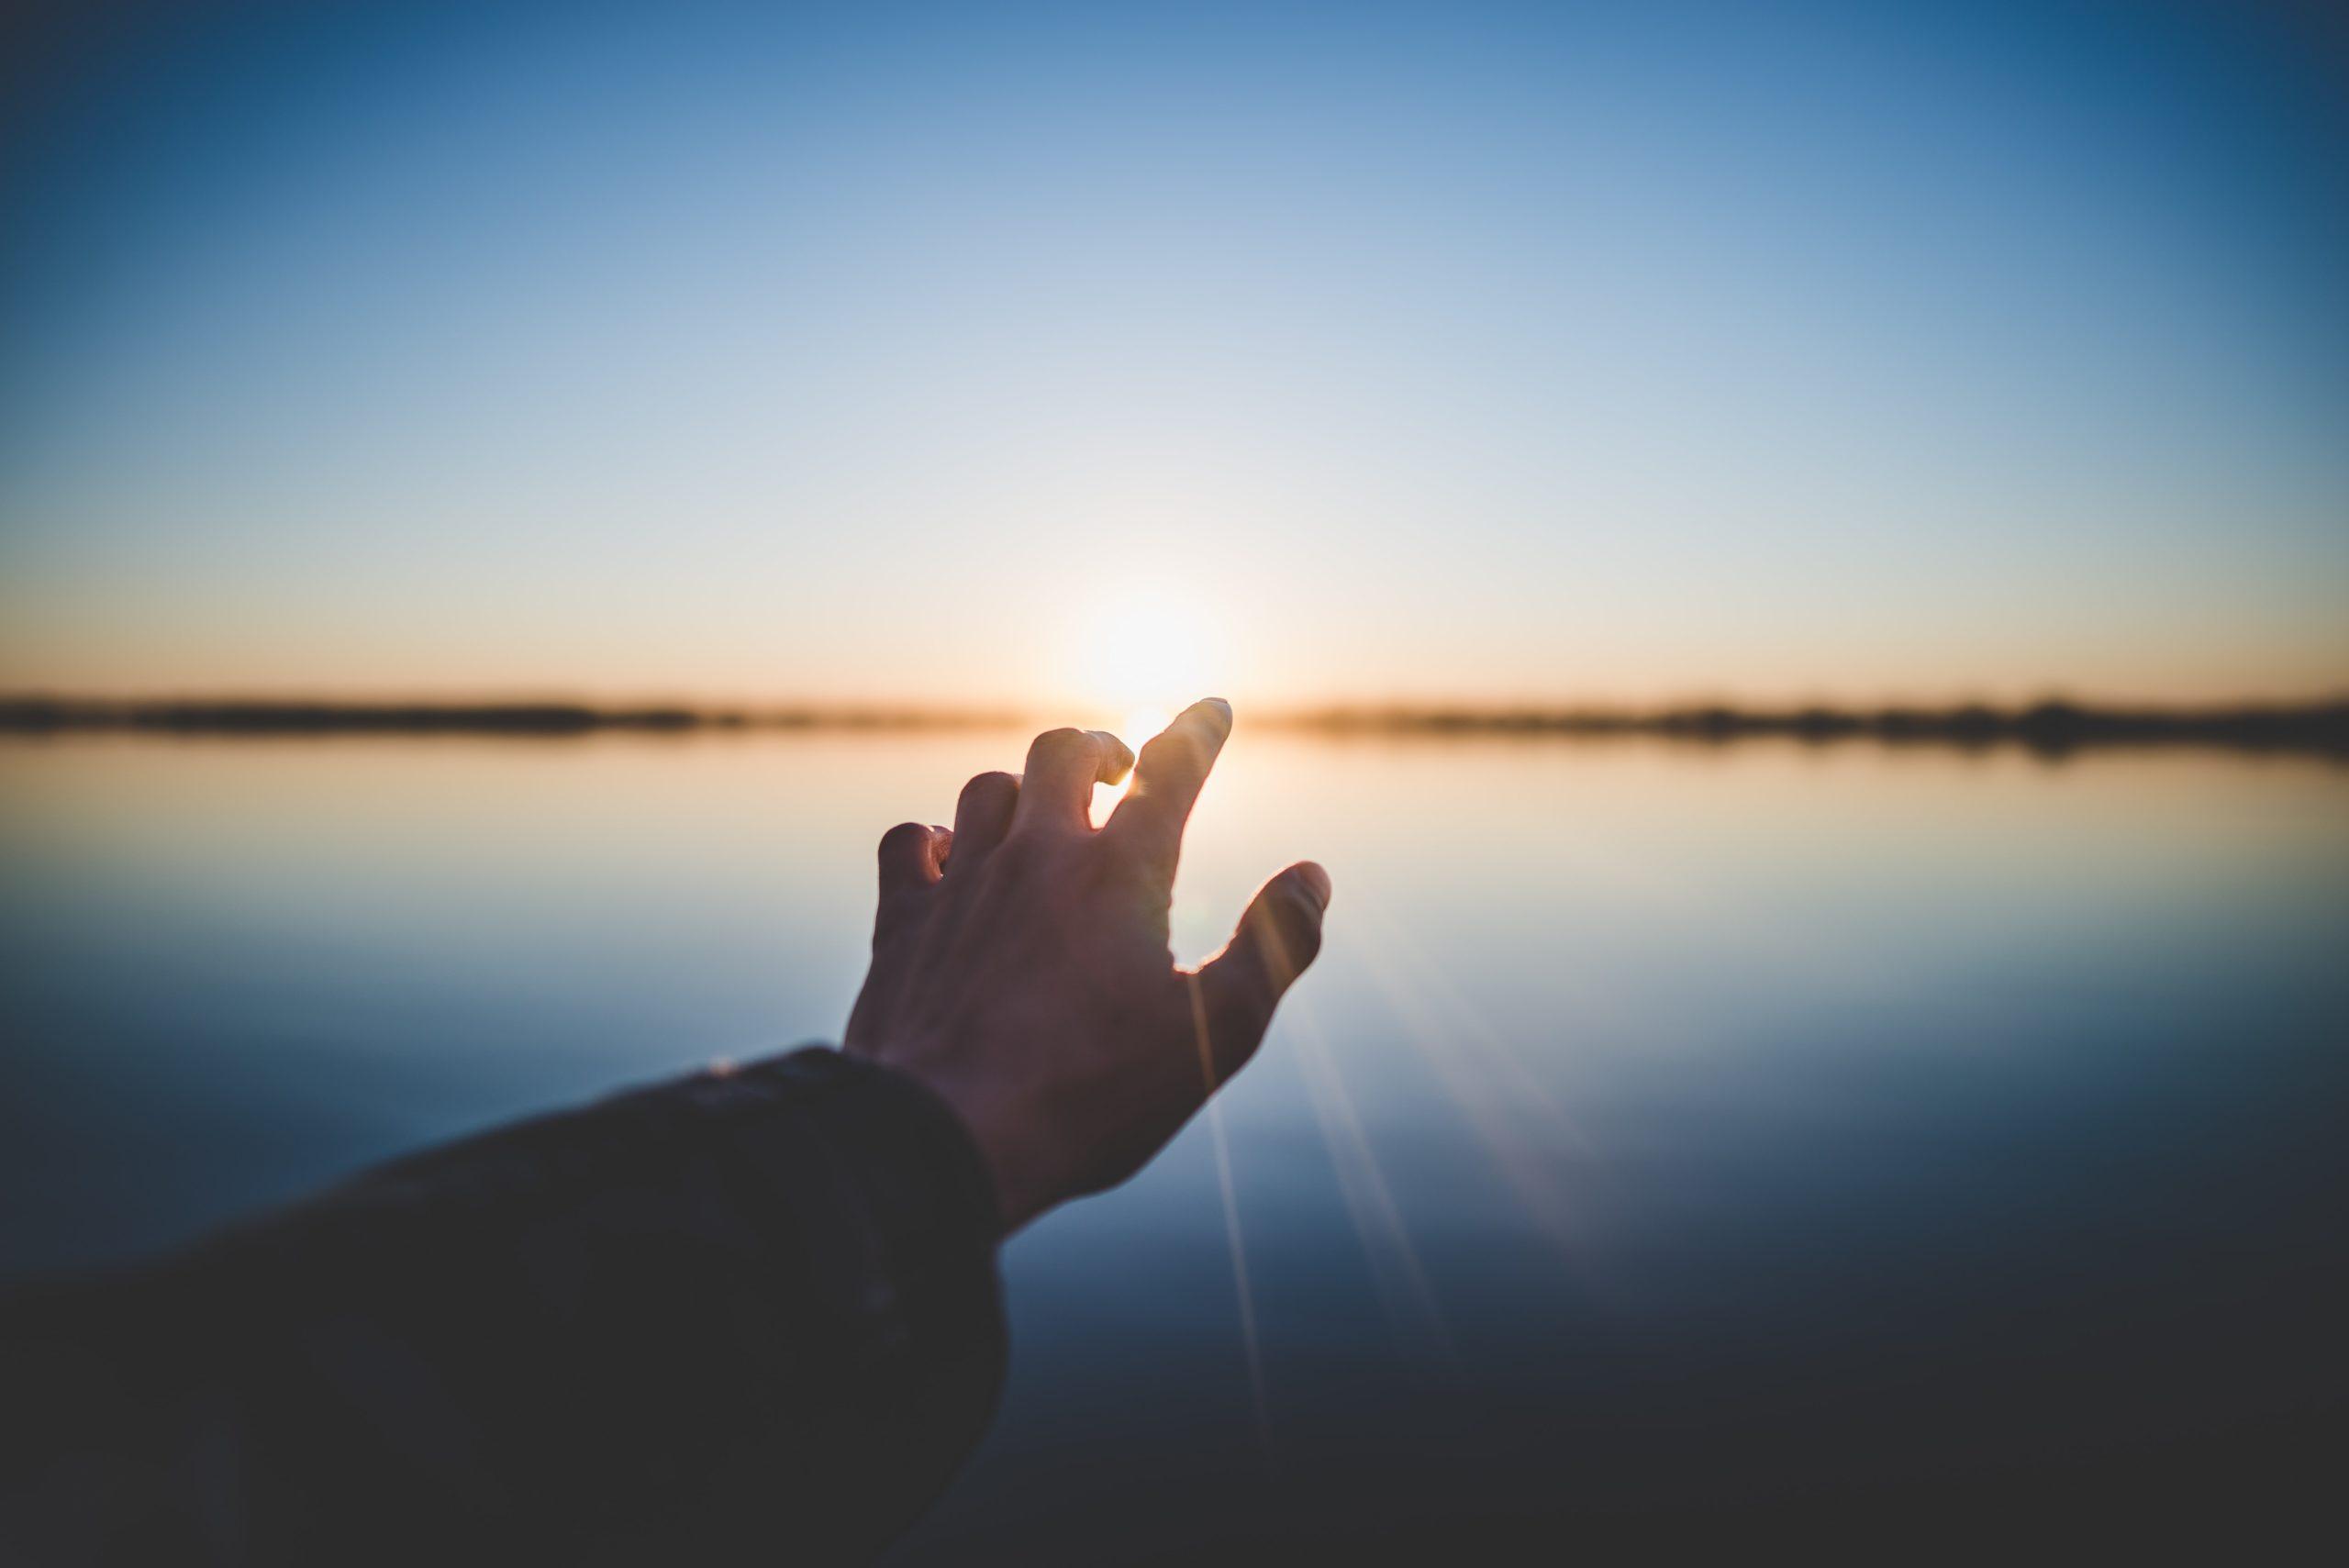 Upptäck, upplev och känn meditationens kraft lör 19 sep kl 11-14